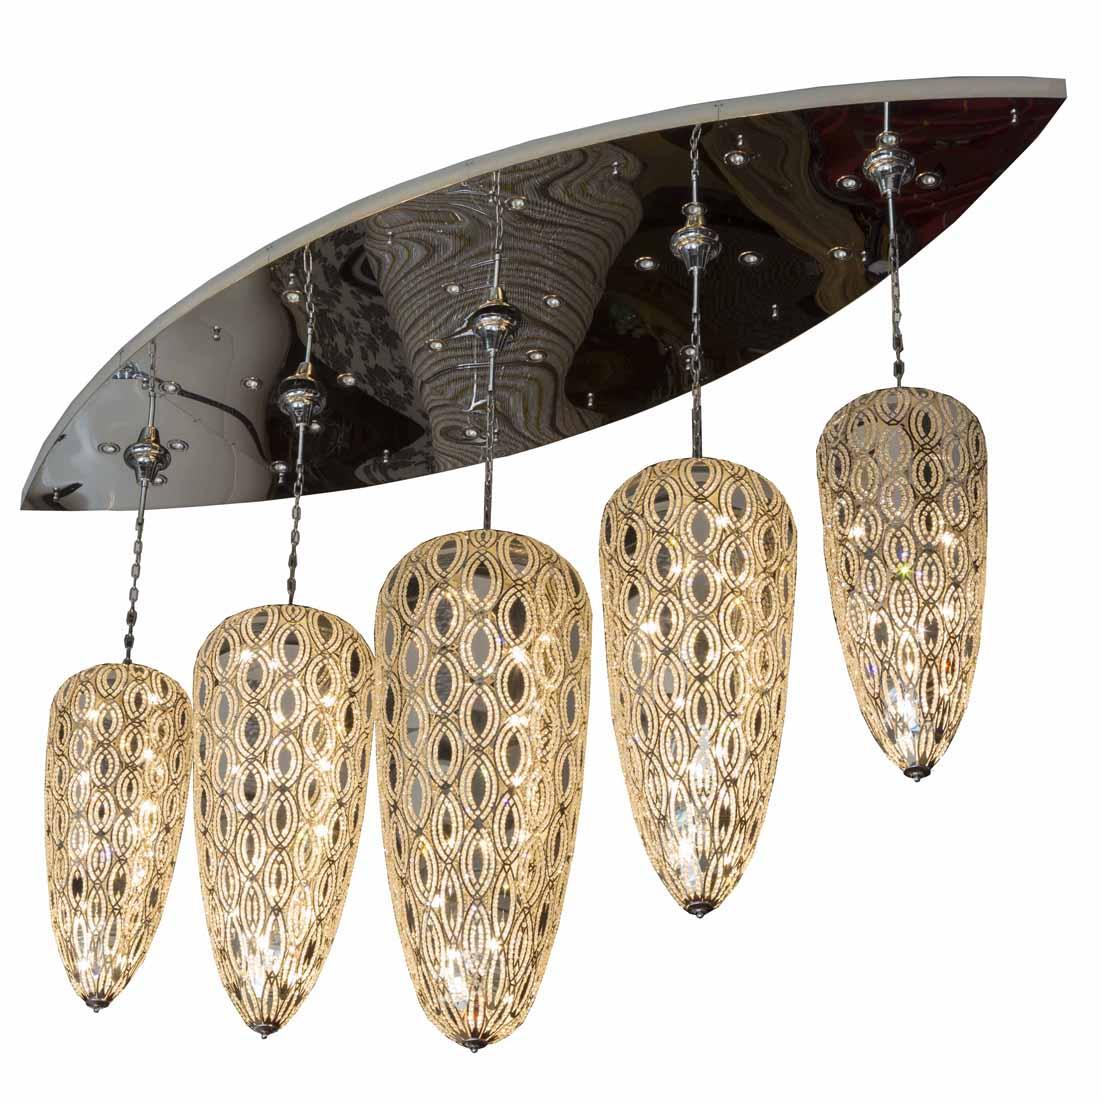 EME modern elegant dining room chandelier chandelier EME LIGHTING Brand